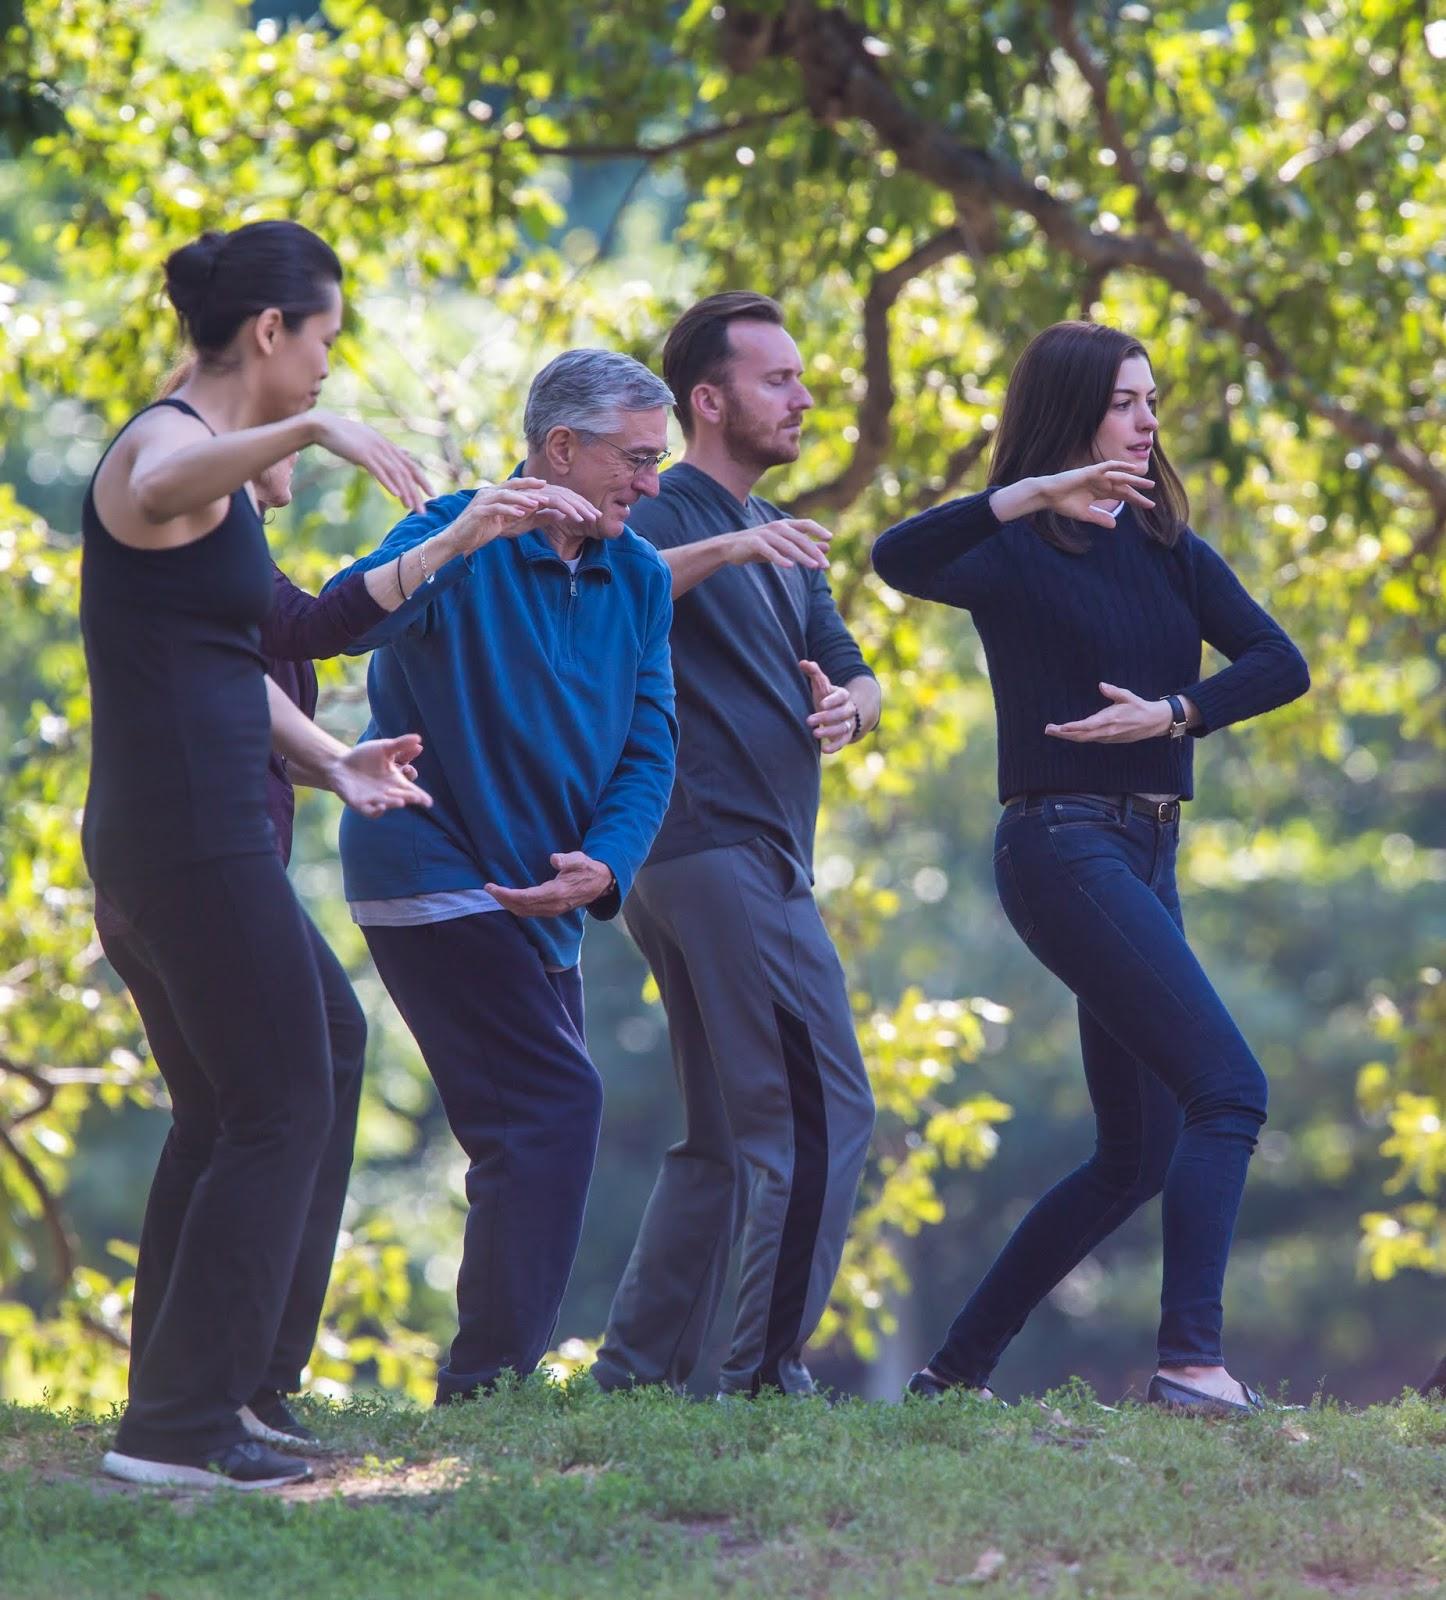 Anne Hathaway And Robert De Niro: Photo : 最新作のコメディ映画「ジ・インターン」の撮影で、太極拳を練習のアン・ハサウェイとロバート・デ・ニーロ